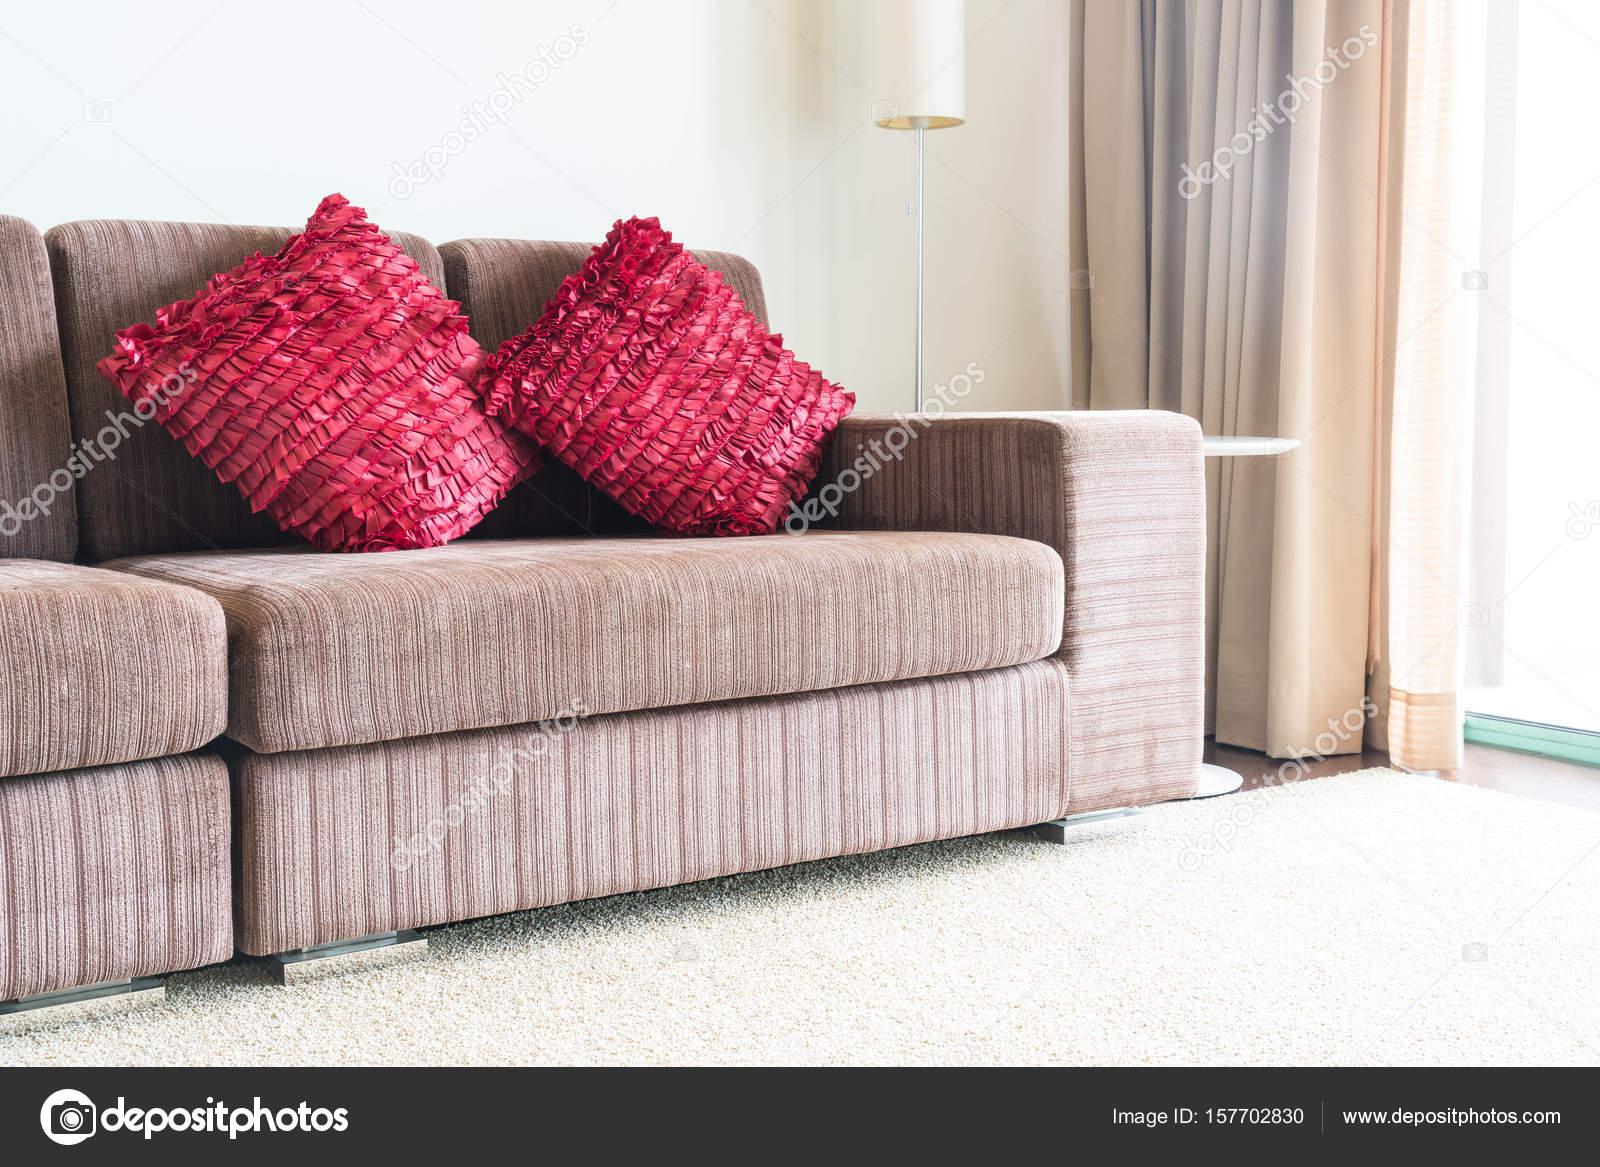 Schne Dekoration Wohnzimmer : Schöne kissen auf sofa dekoration im wohnzimmer u stockfoto